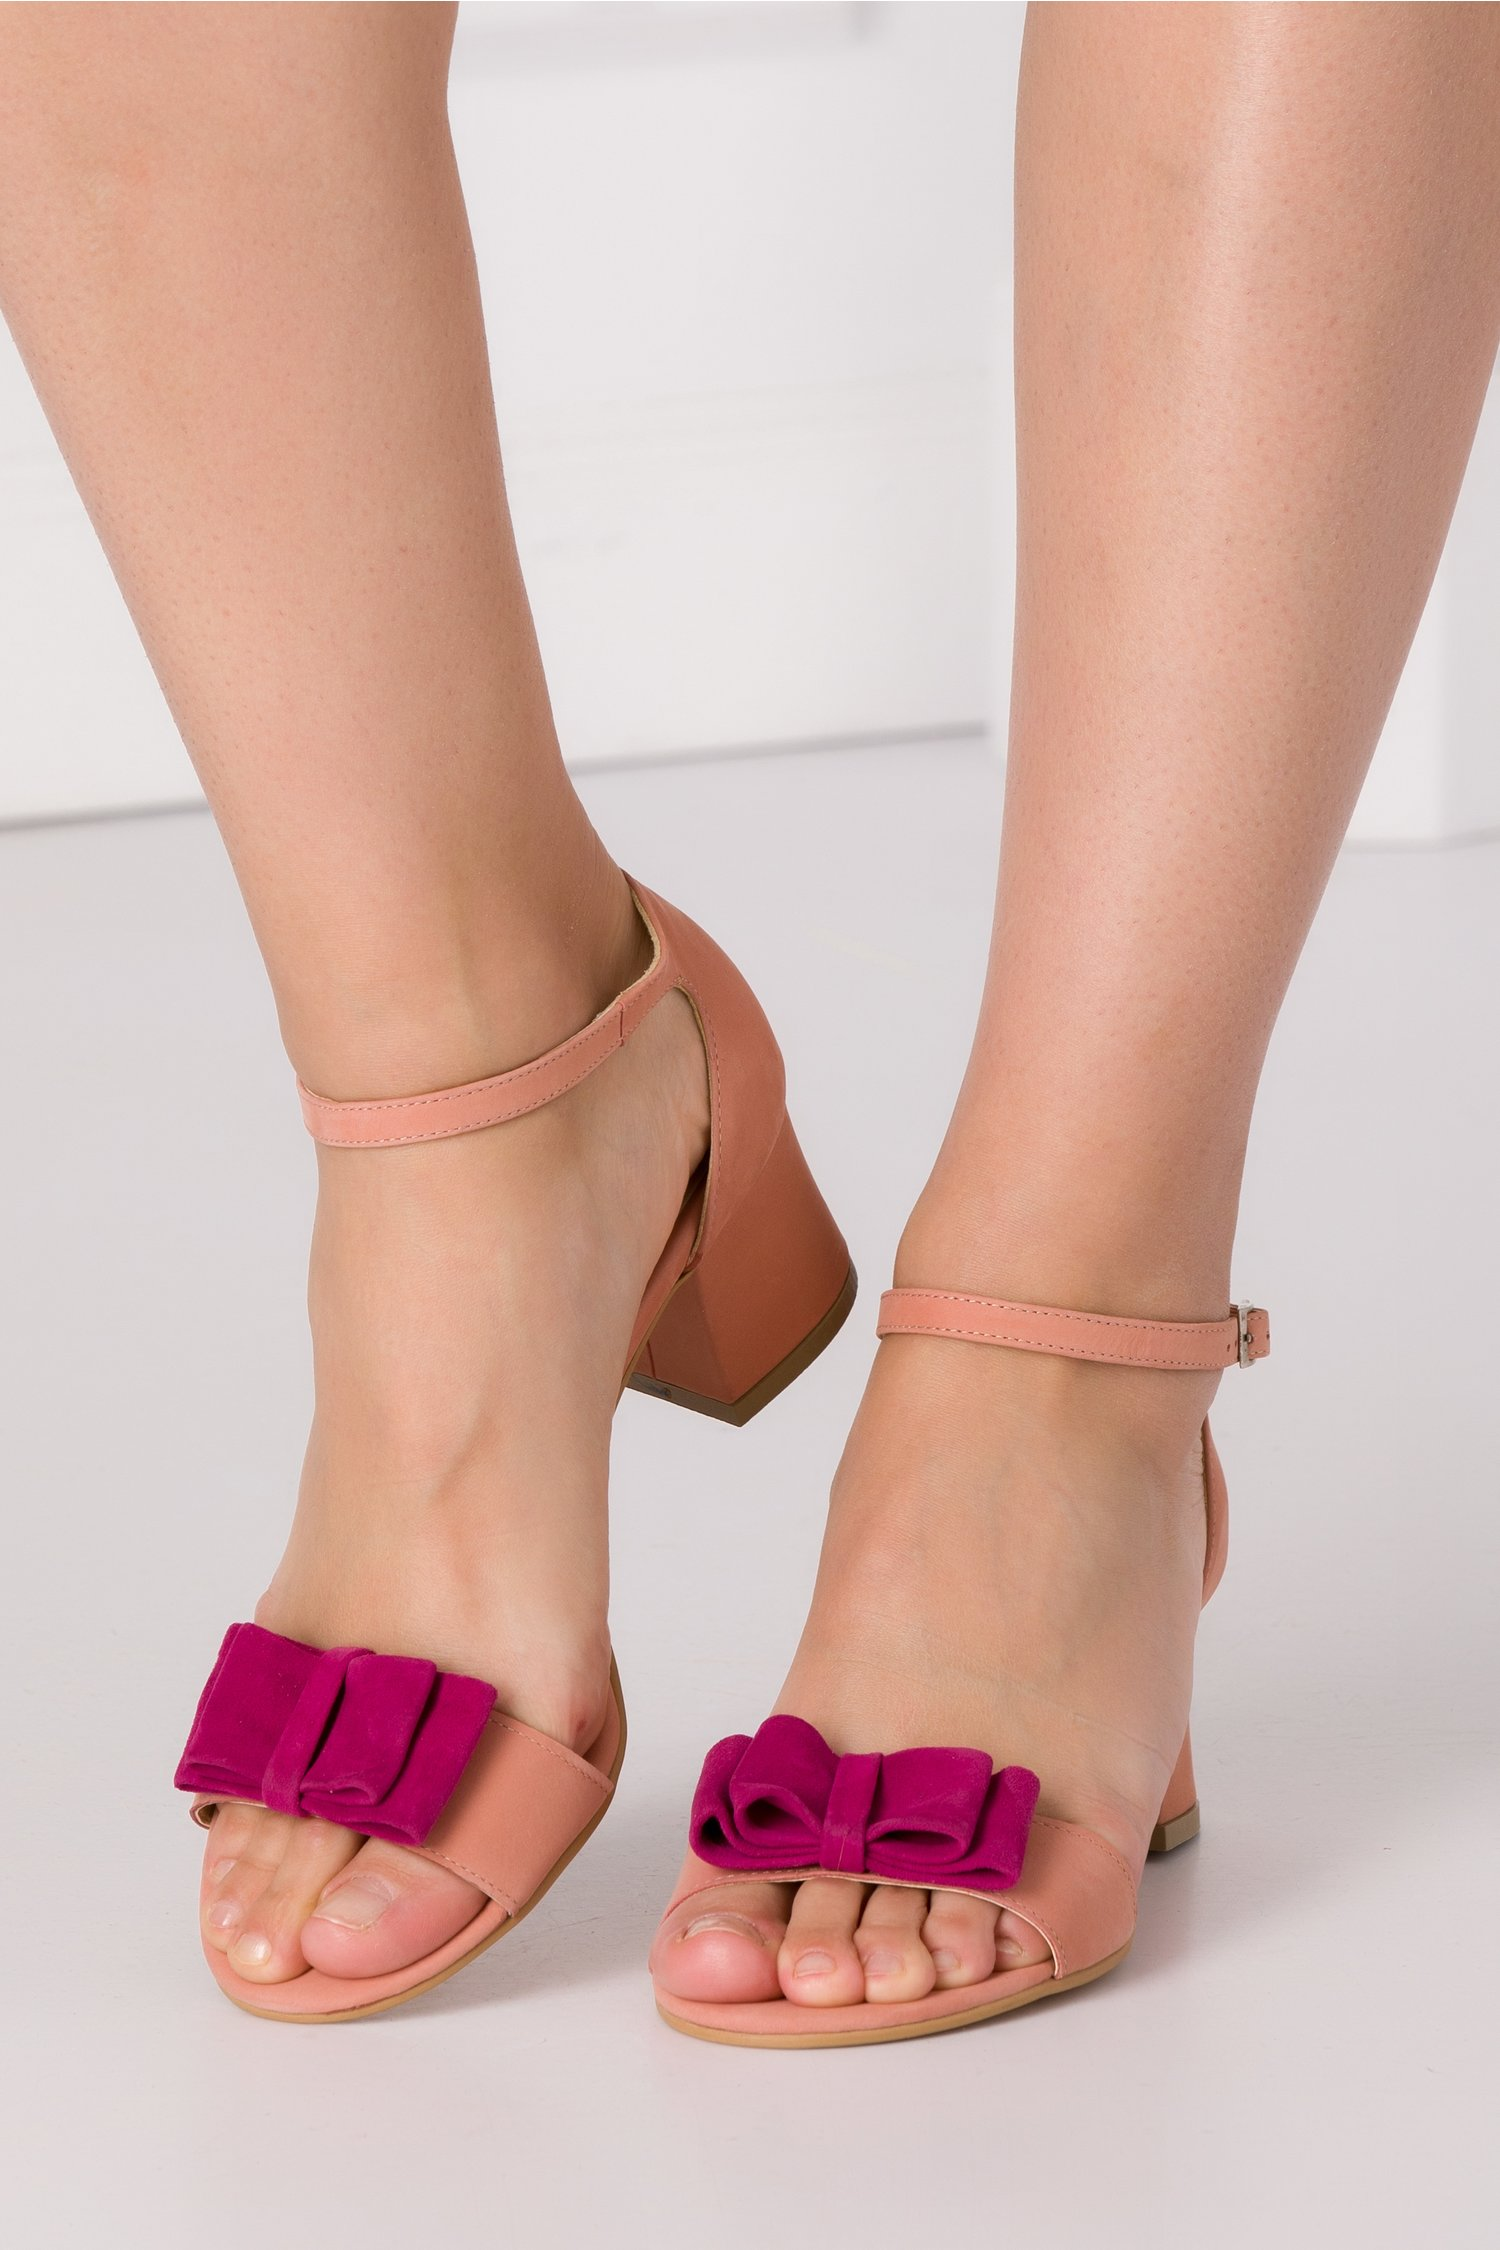 Sandale roz pudrat cu fundita maxi in fata